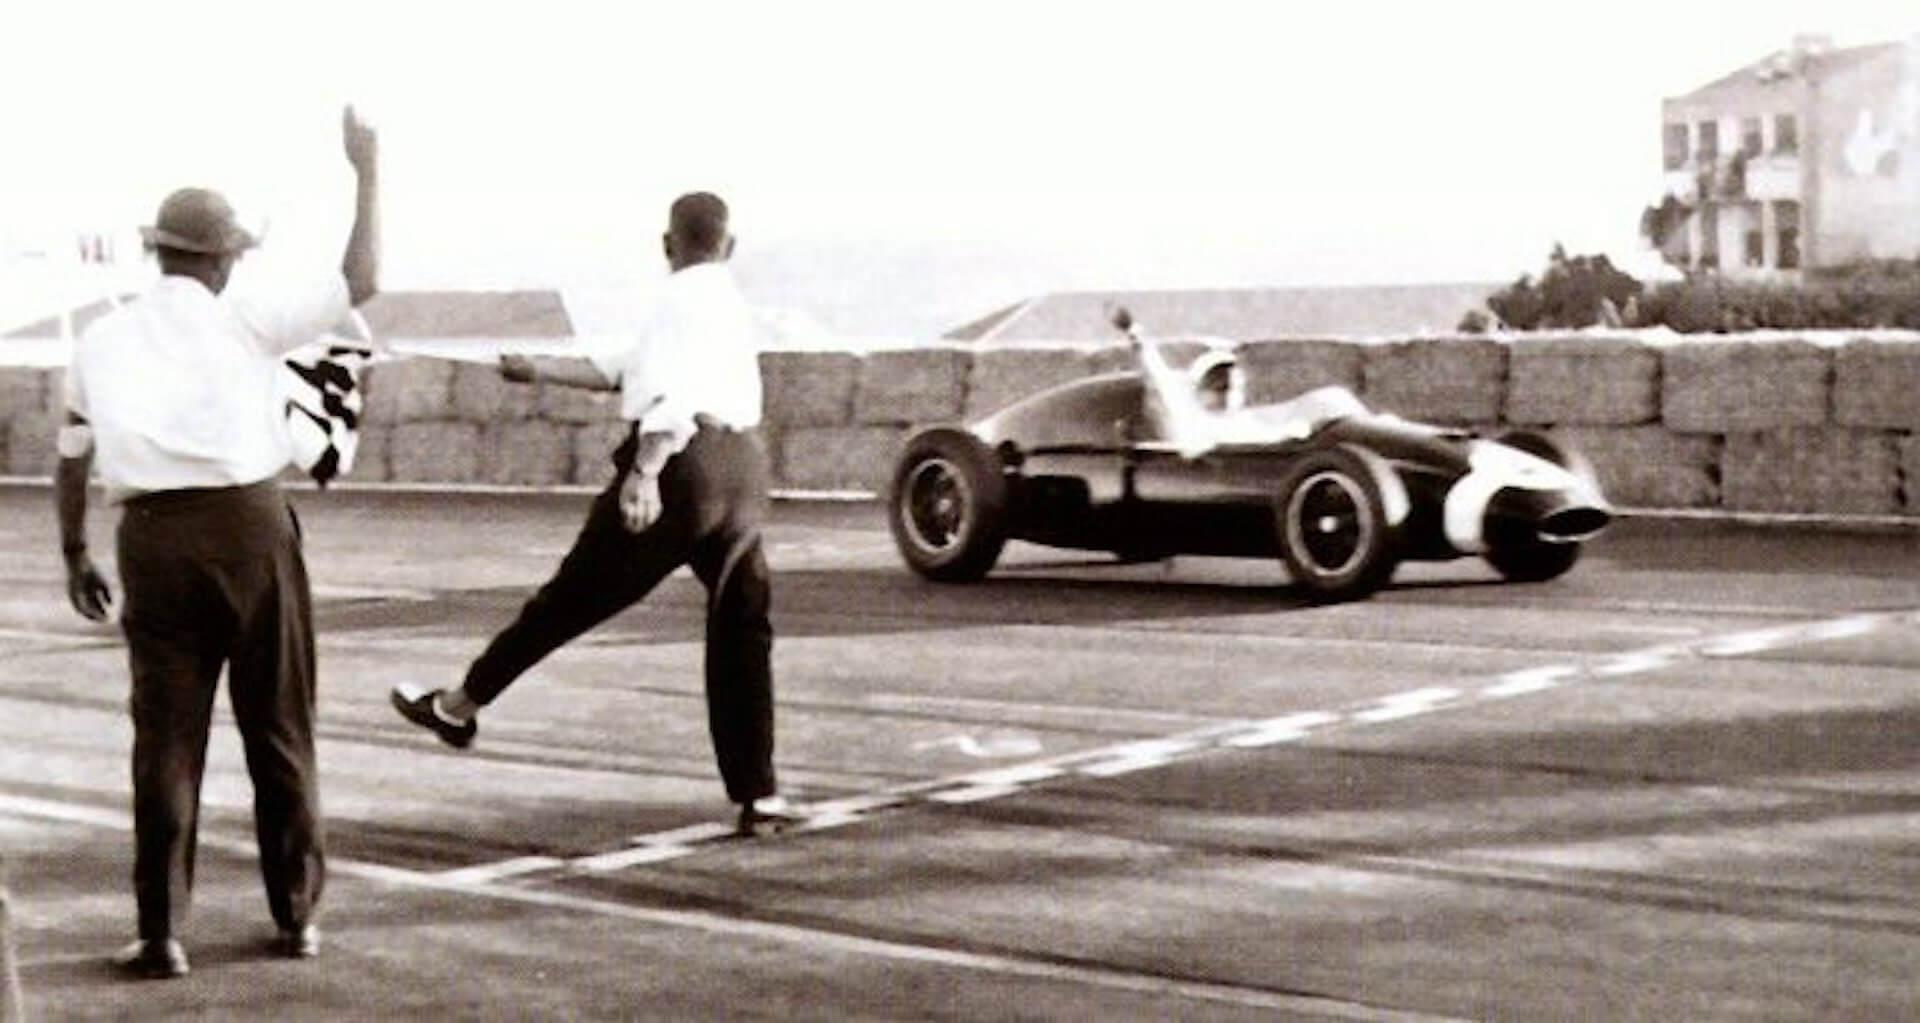 1959 - circuito de monsanto - stirling Moss (cooper-climax)